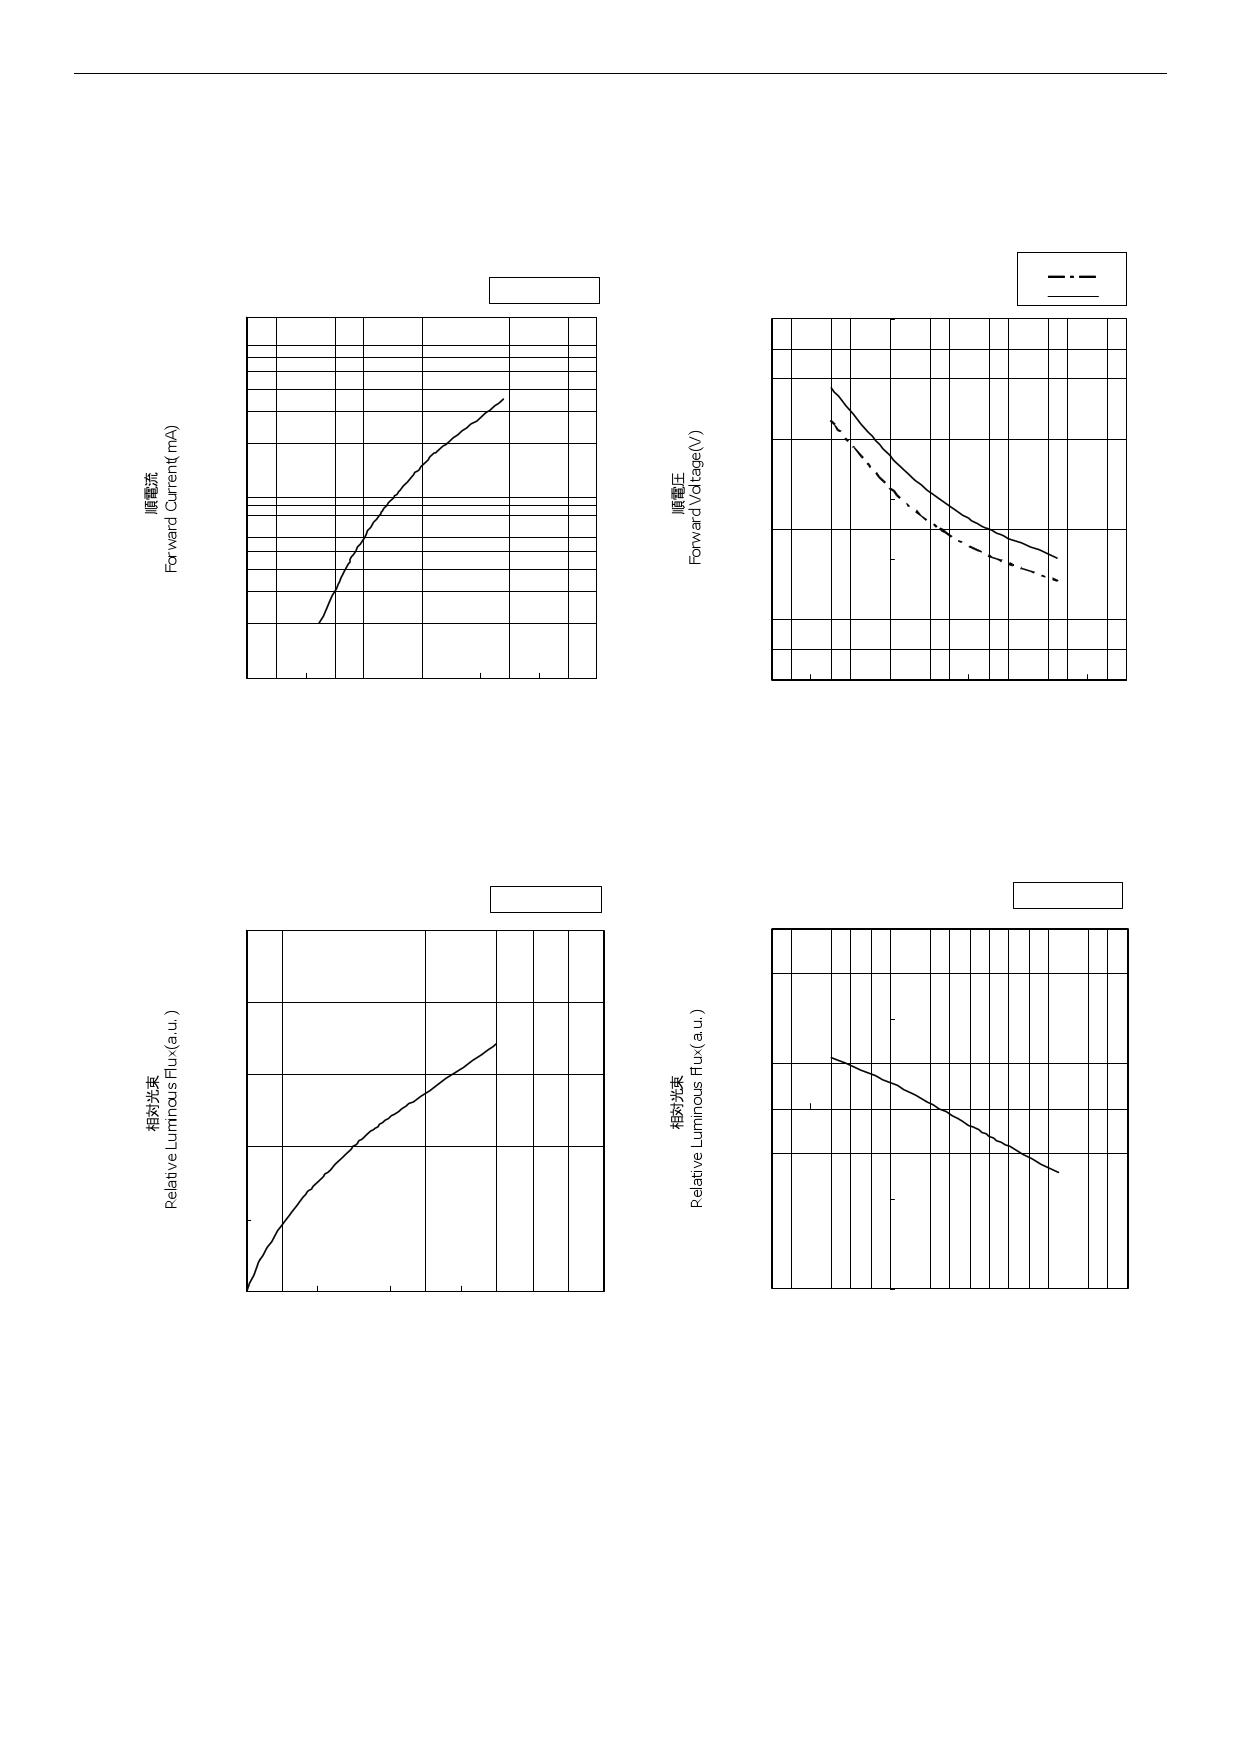 NFSG036BT pdf, datenblatt